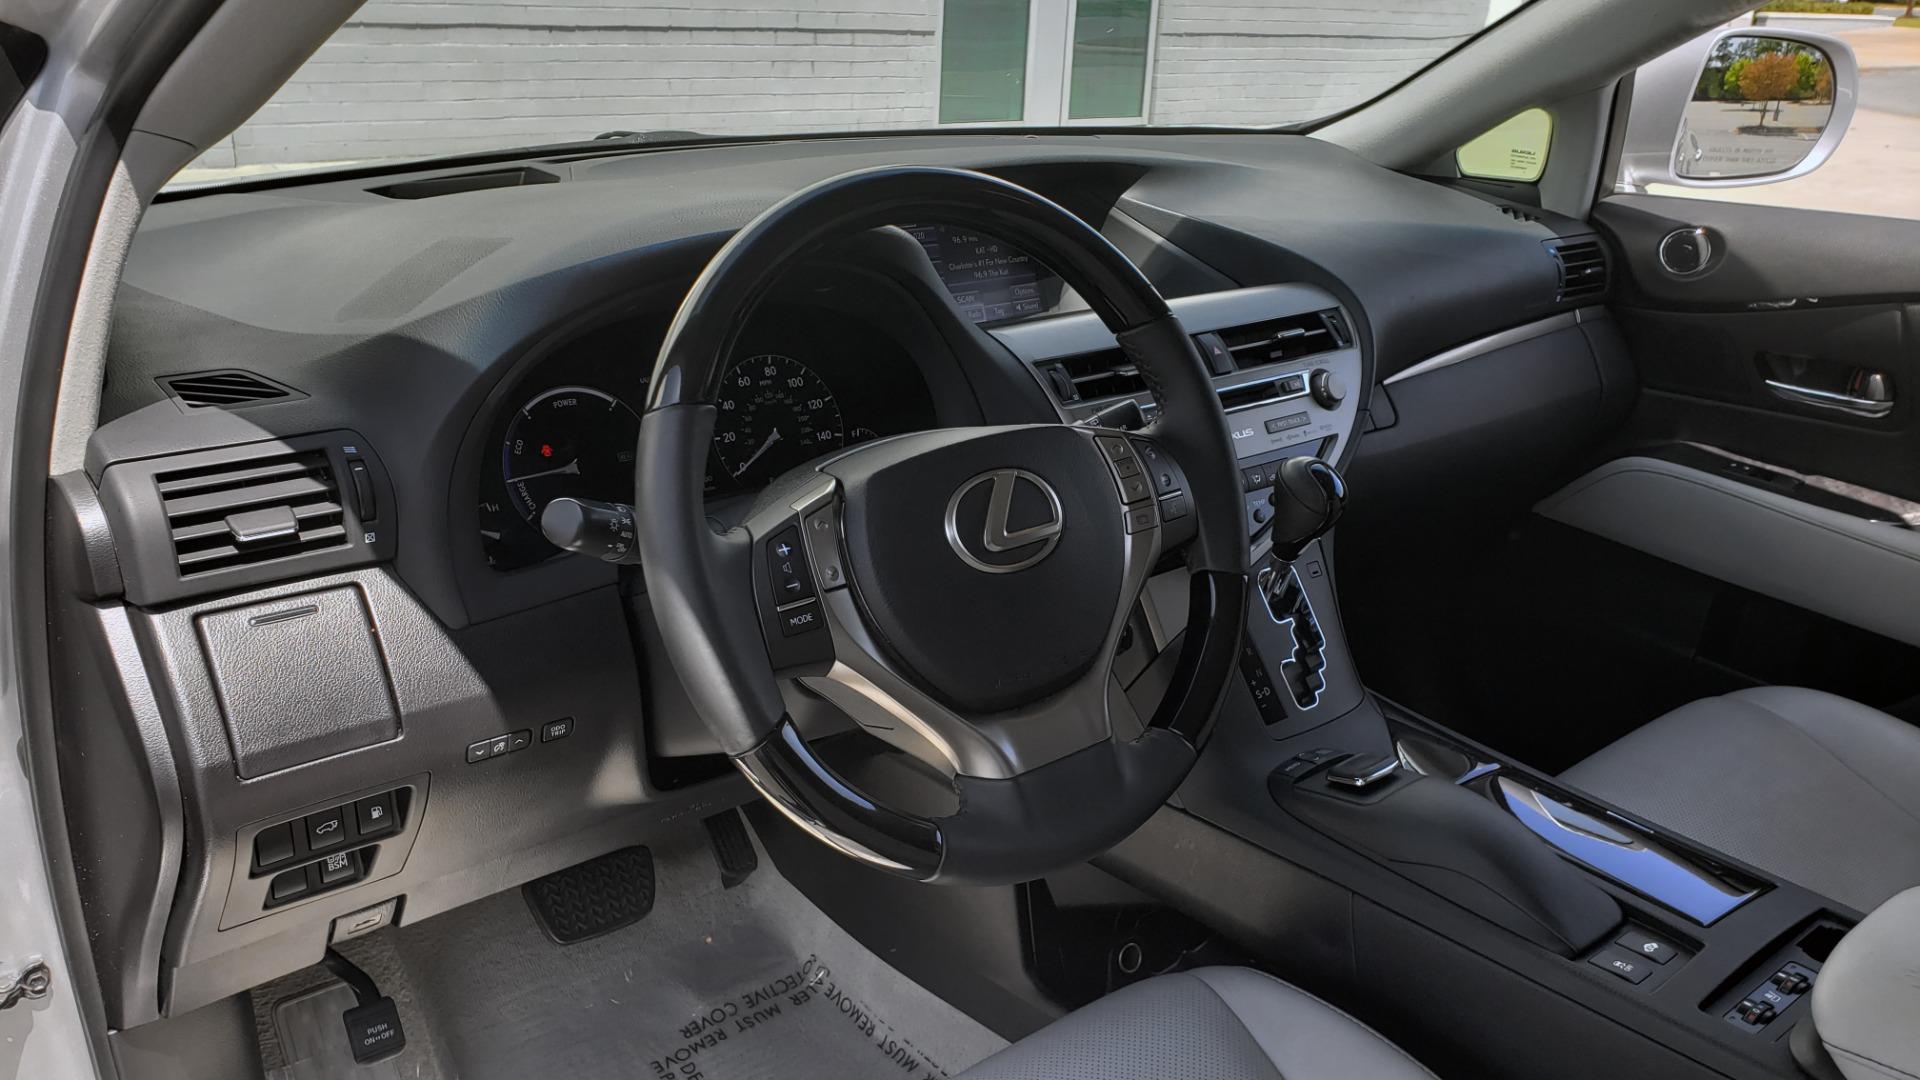 Used 2015 Lexus RX 450H AWD / PREM PKG / NAV / PARK ASST / HUD / BLIND SPOT MONITOR for sale Sold at Formula Imports in Charlotte NC 28227 38